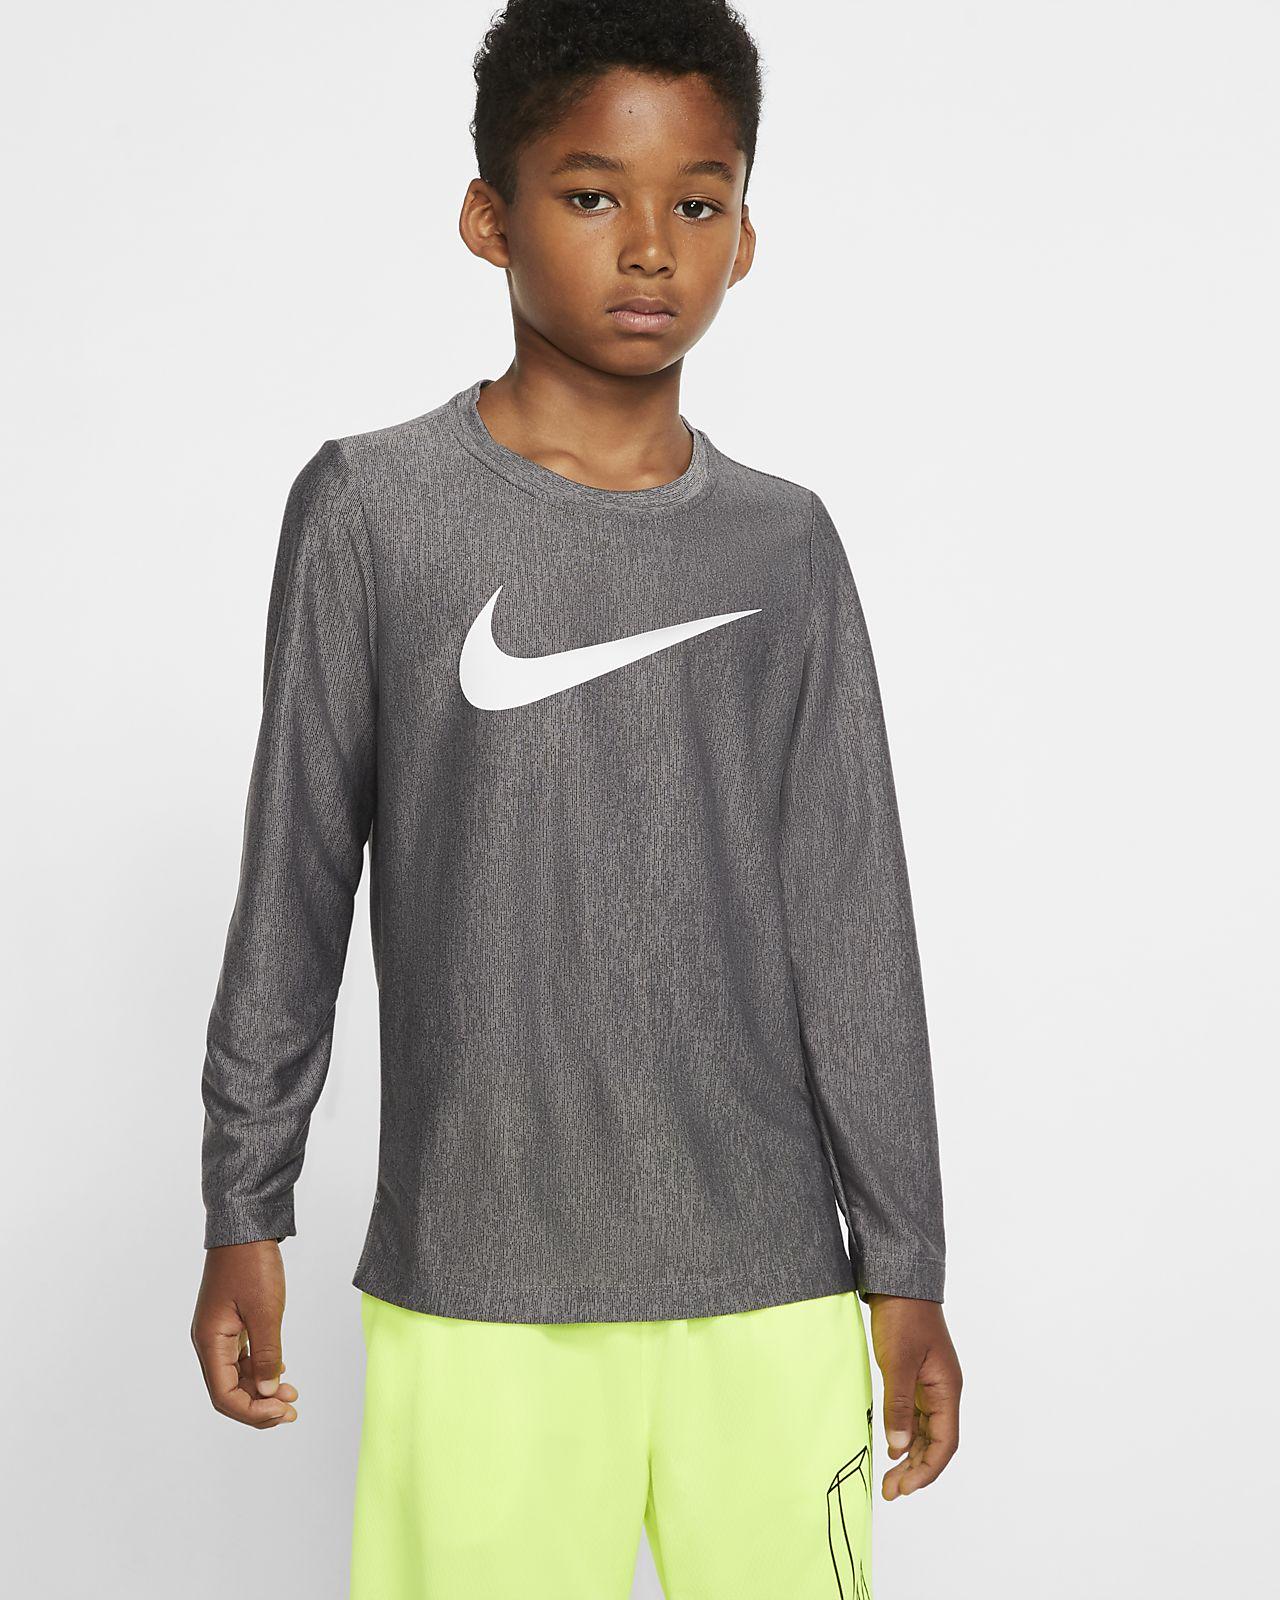 Haut de training à manches longues Nike Dri-FIT pour Garçon